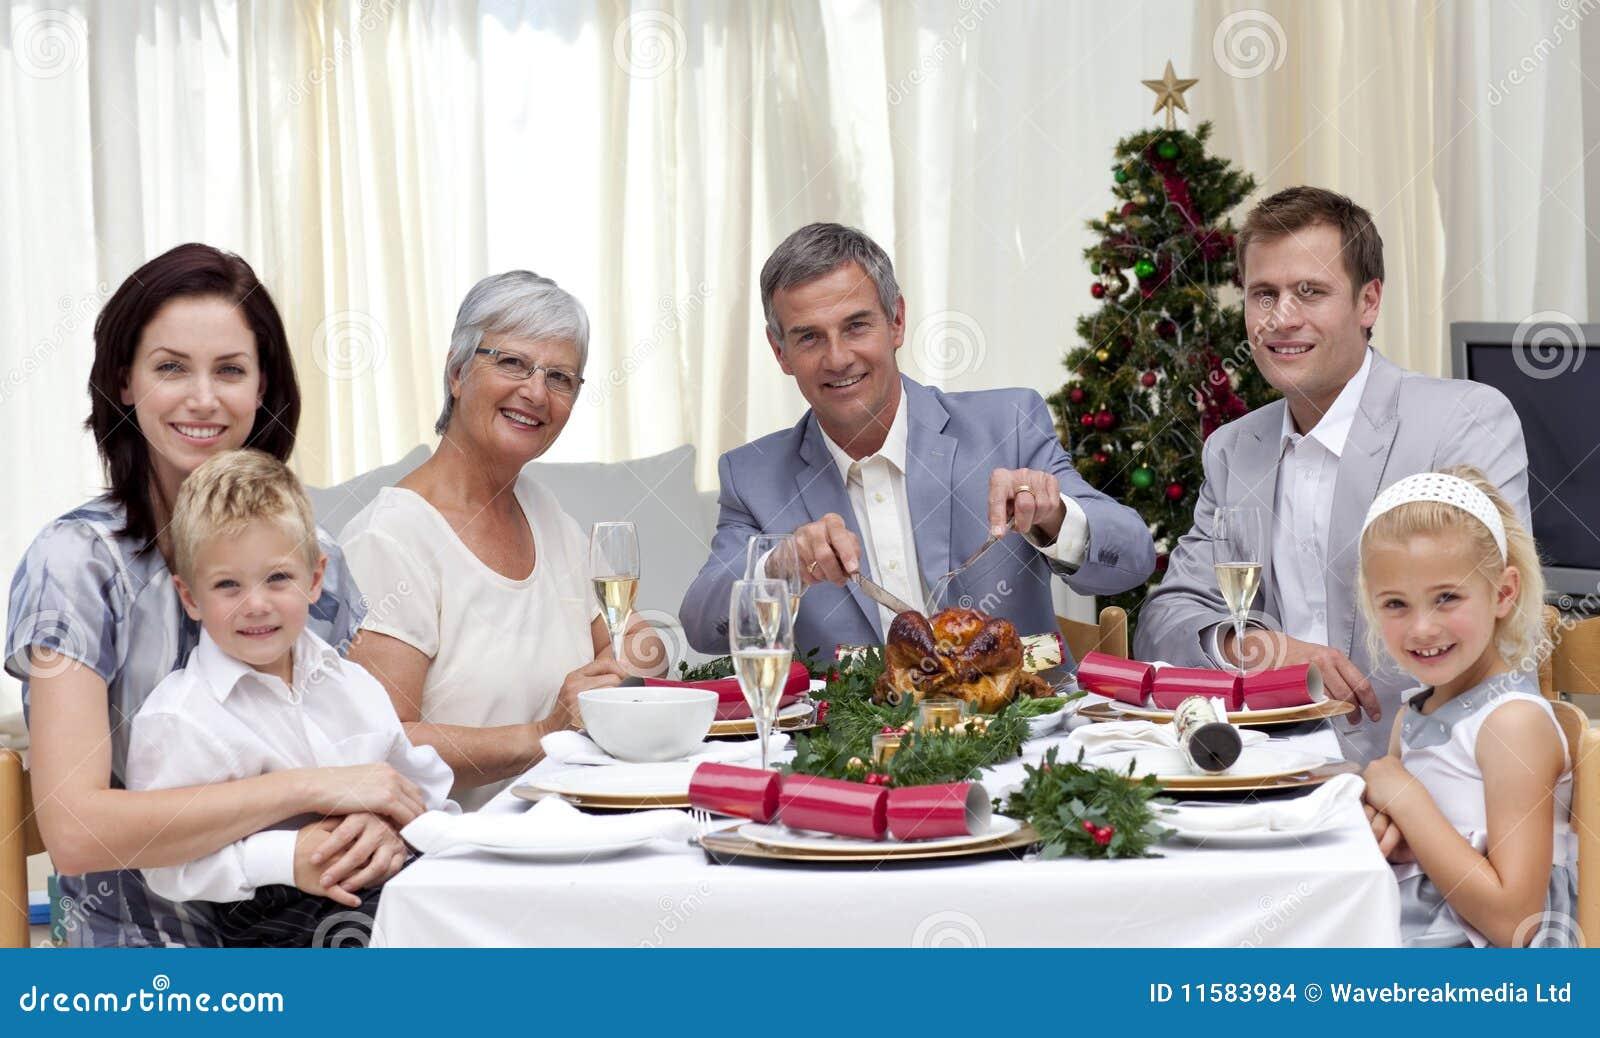 Family eating turkey in Christmas Eve Dinner